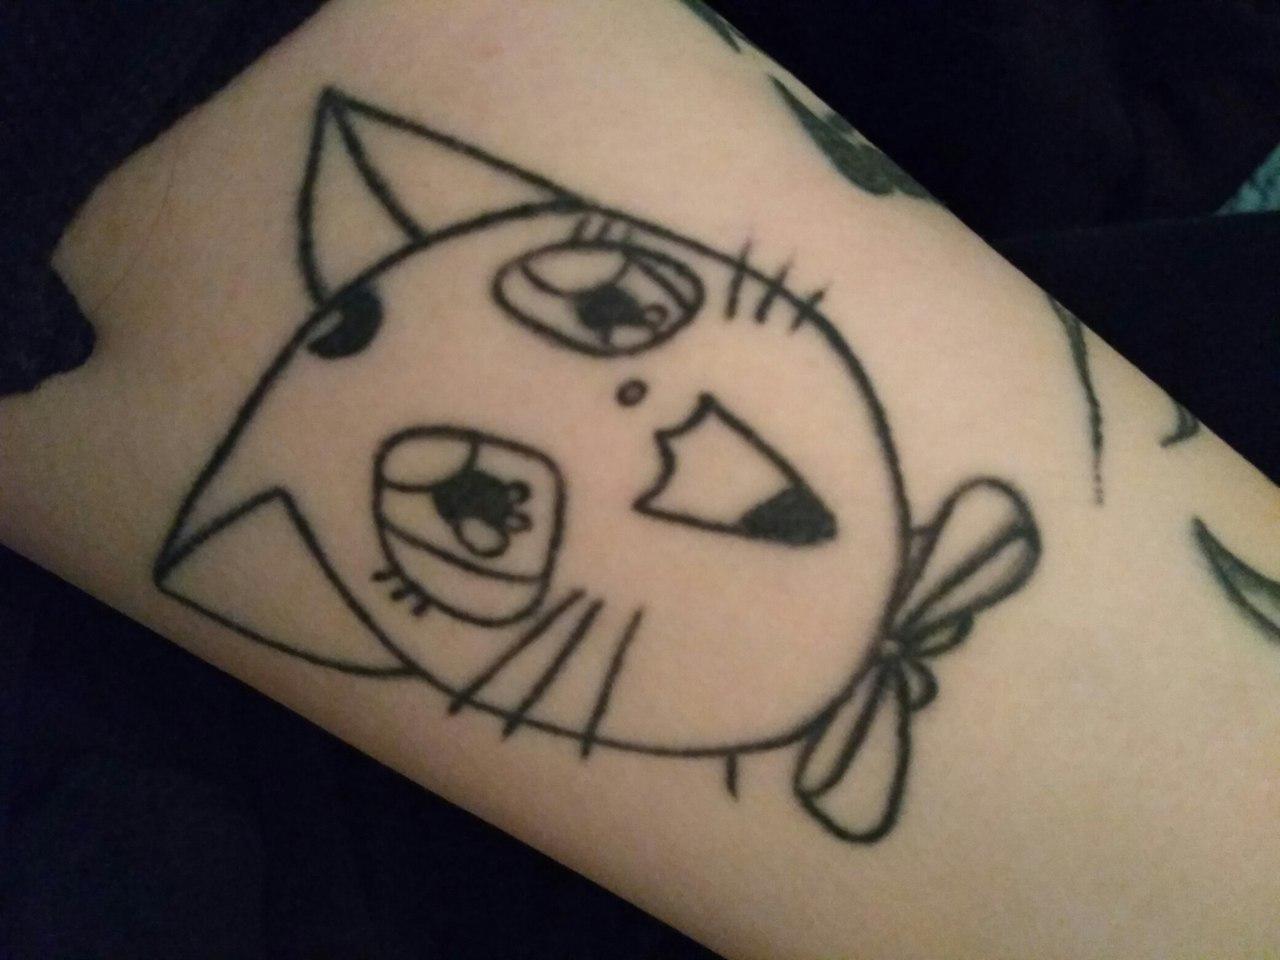 Начала бить татуировки в 15 лет... 13